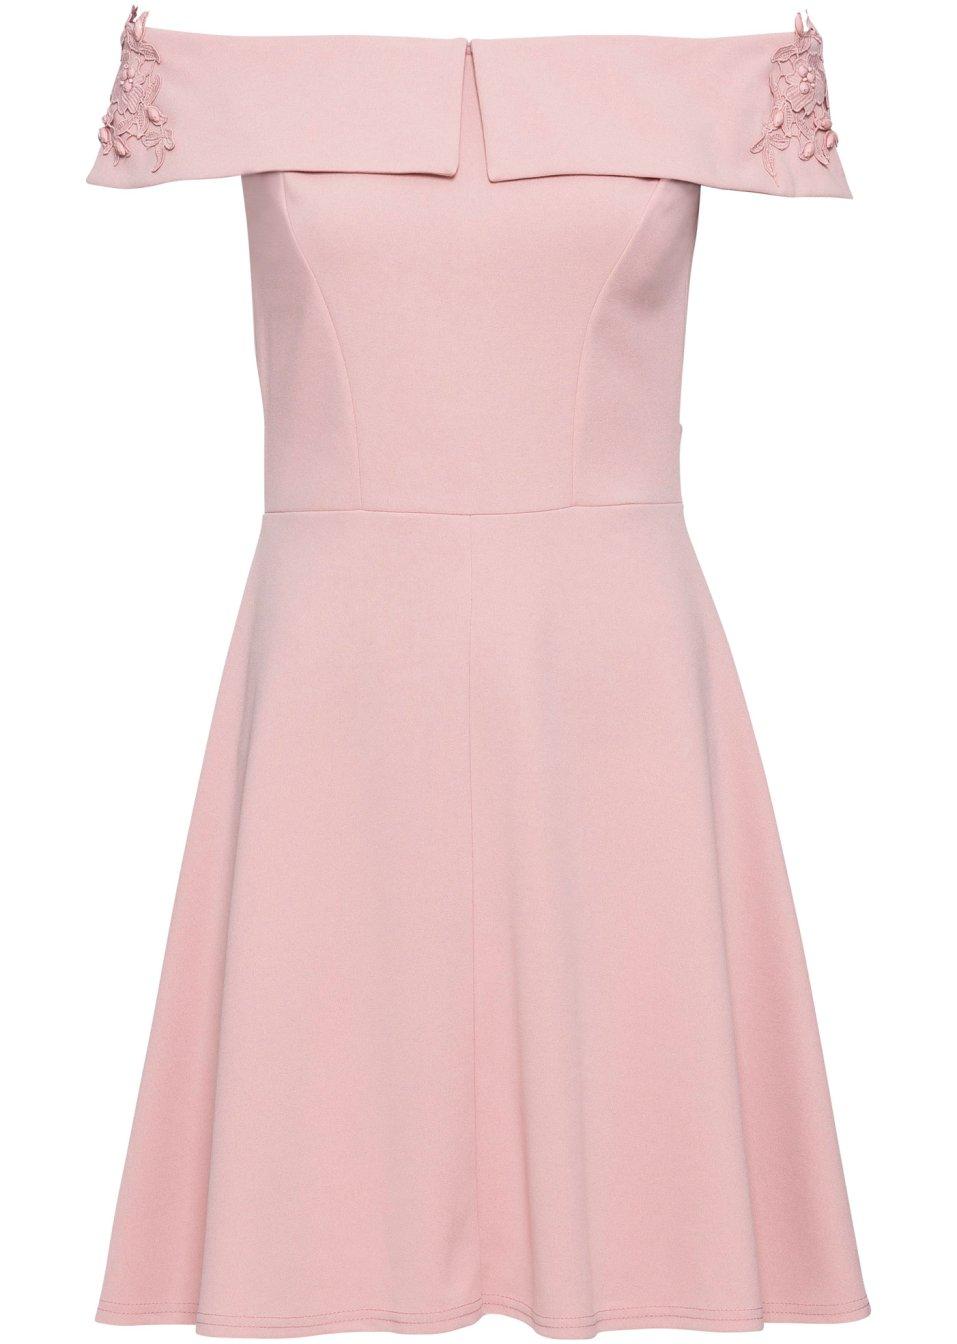 Kleid mit Carmen-Ausschnitt und Applikation rosa - Damen - BODYFLIRT - bonprix.de WmPtN uuPQc